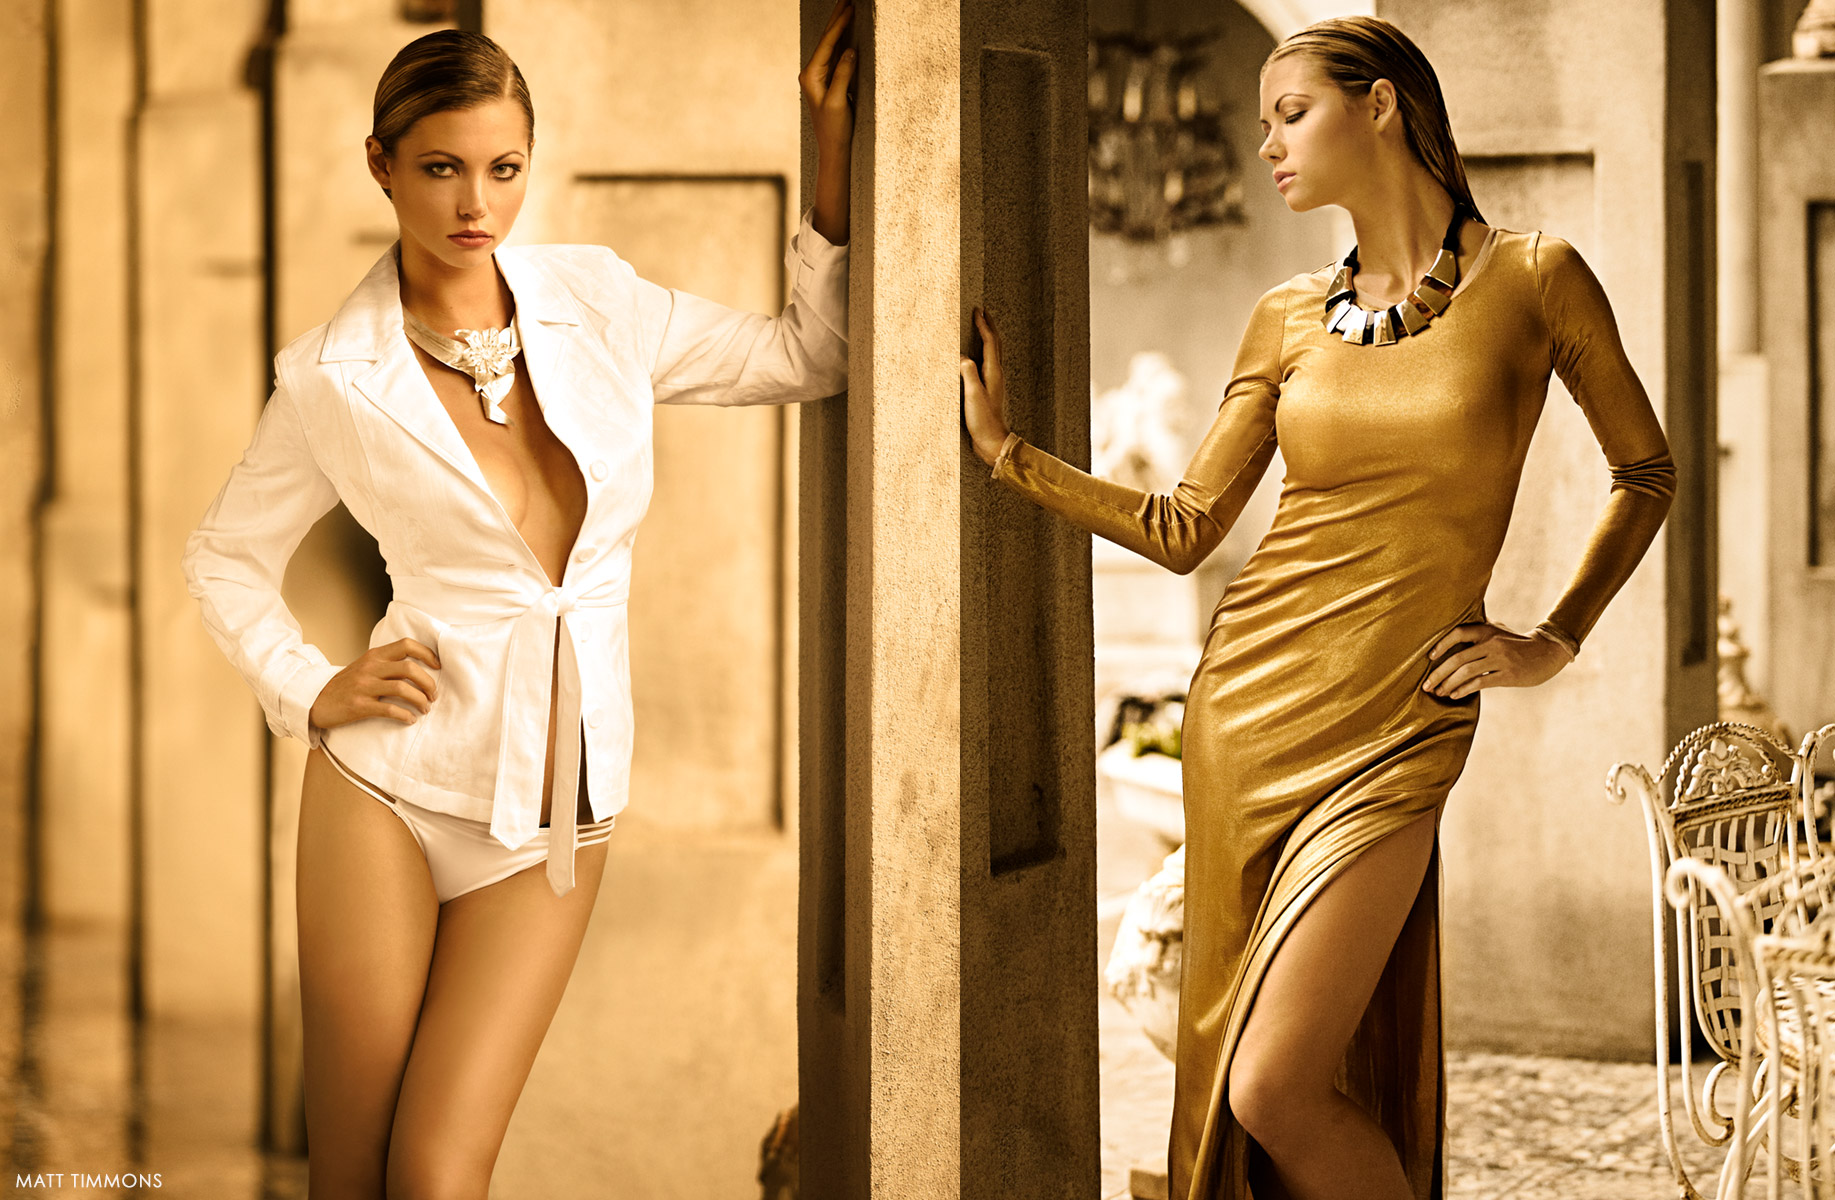 albuquerque-santa-fe-models-jami-6.jpg